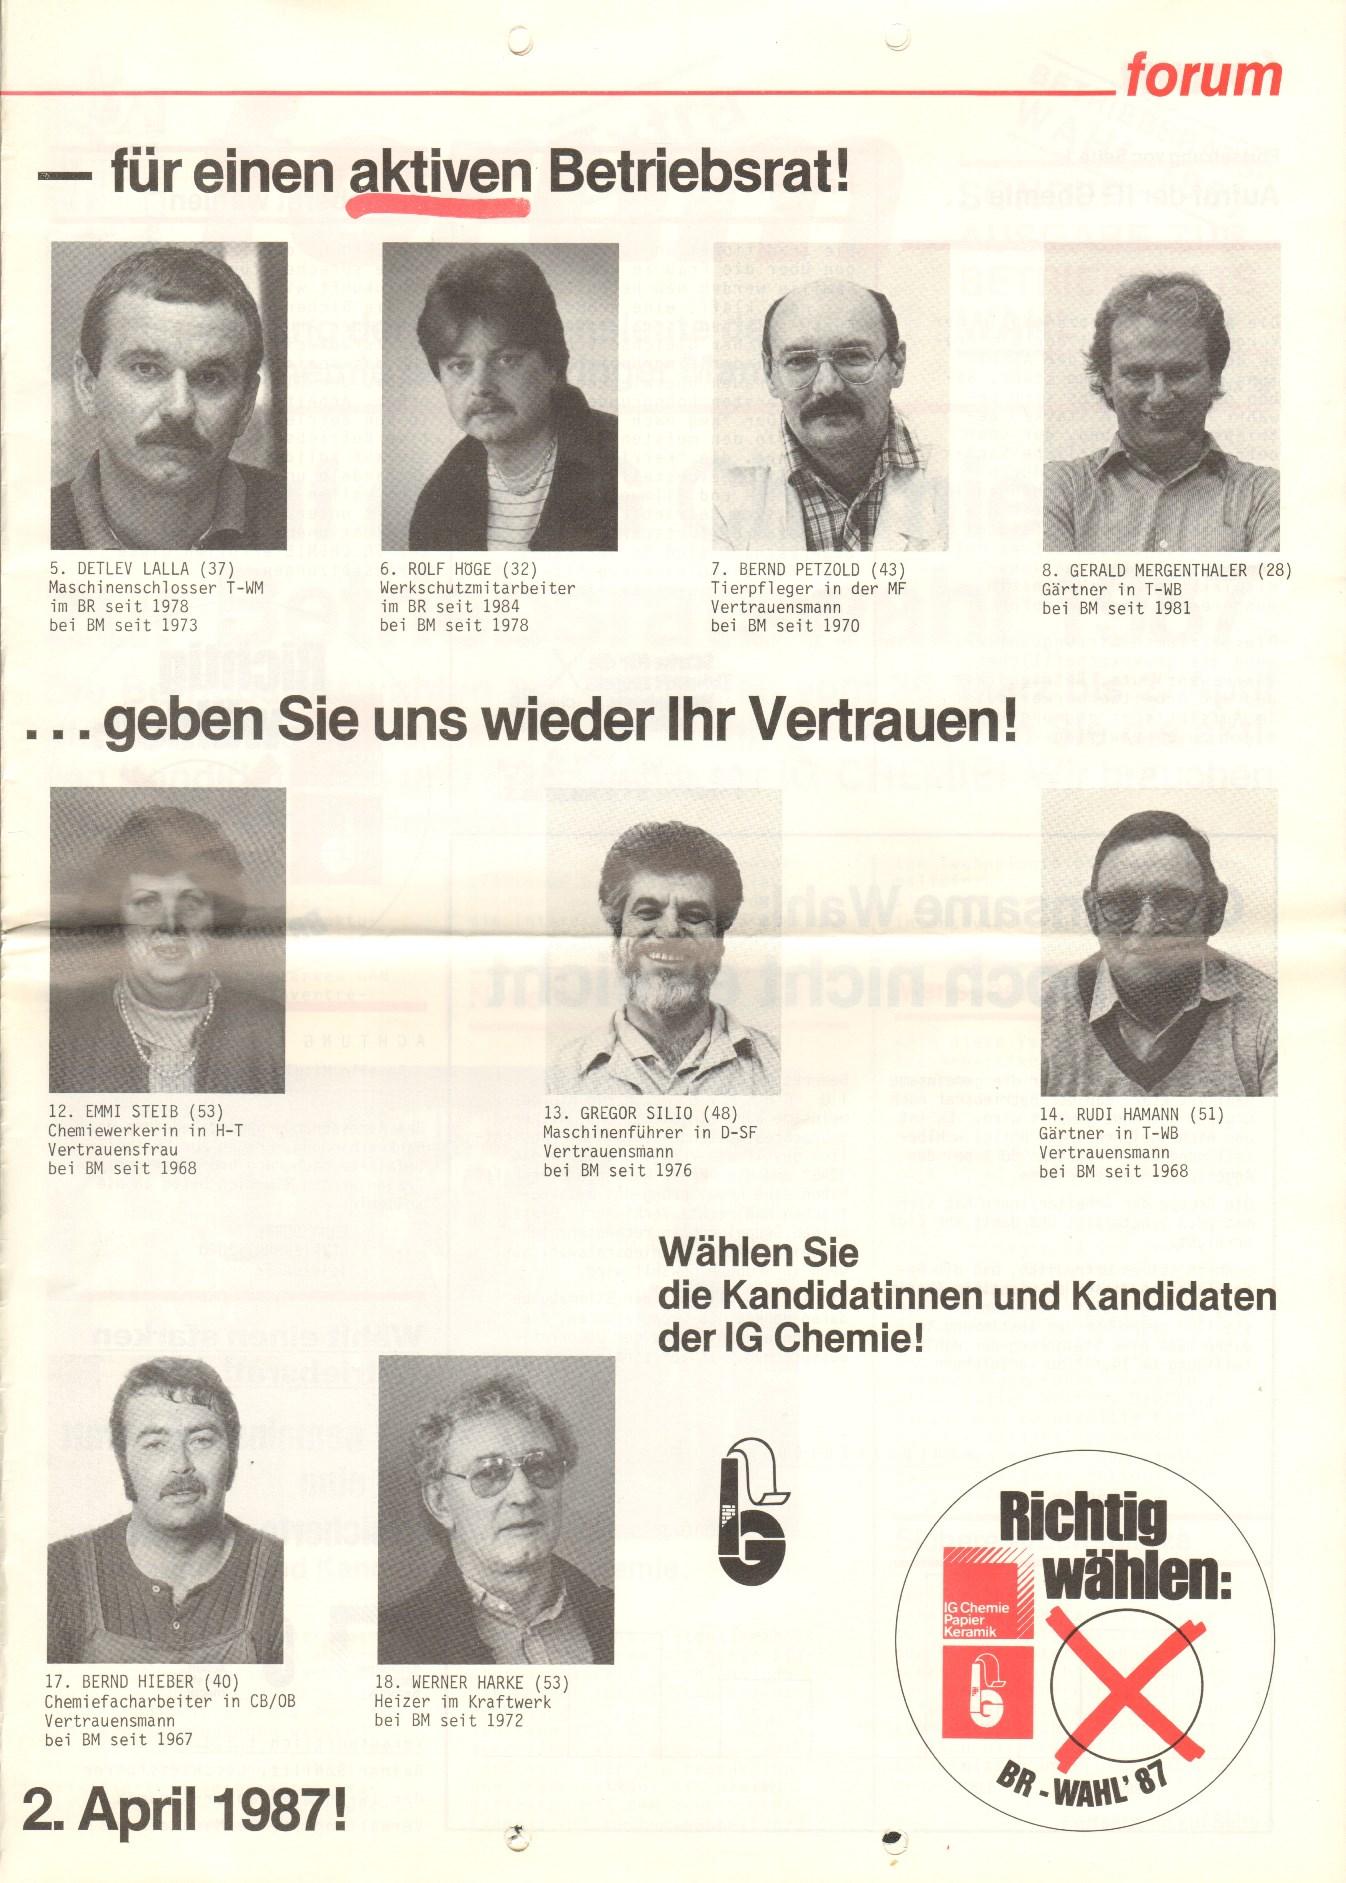 Mannheim_Boehringer_Ausschluss_VKL_1987_02_07